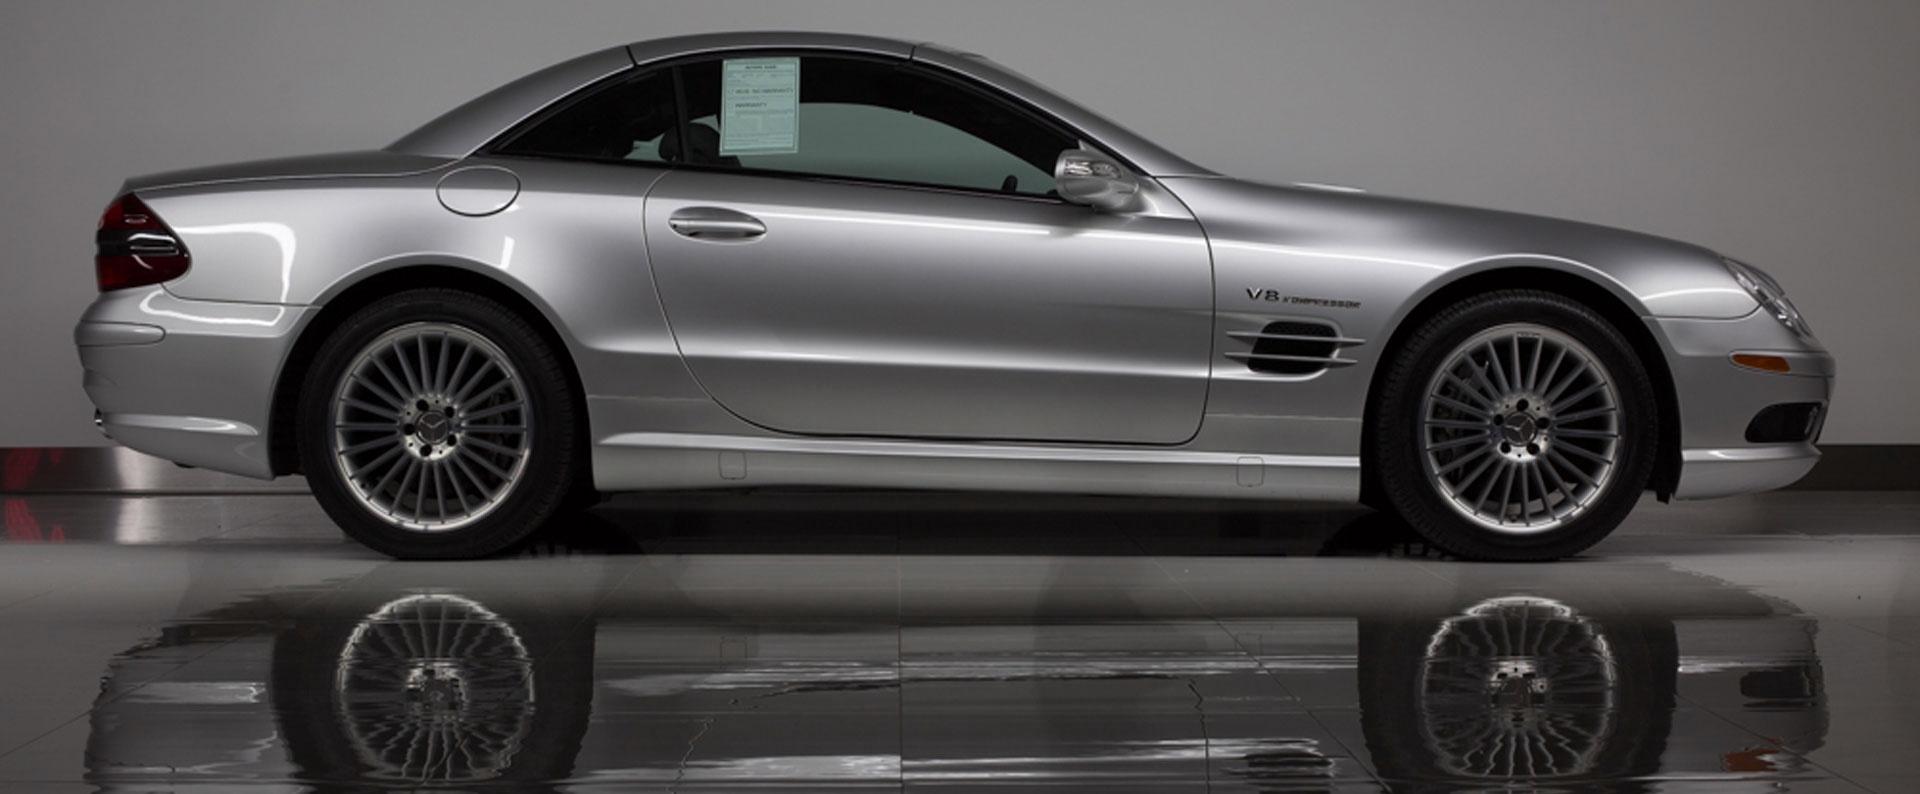 Used 2004 Merc-Benz SL 55 Rdstr AMG | Miami, FL